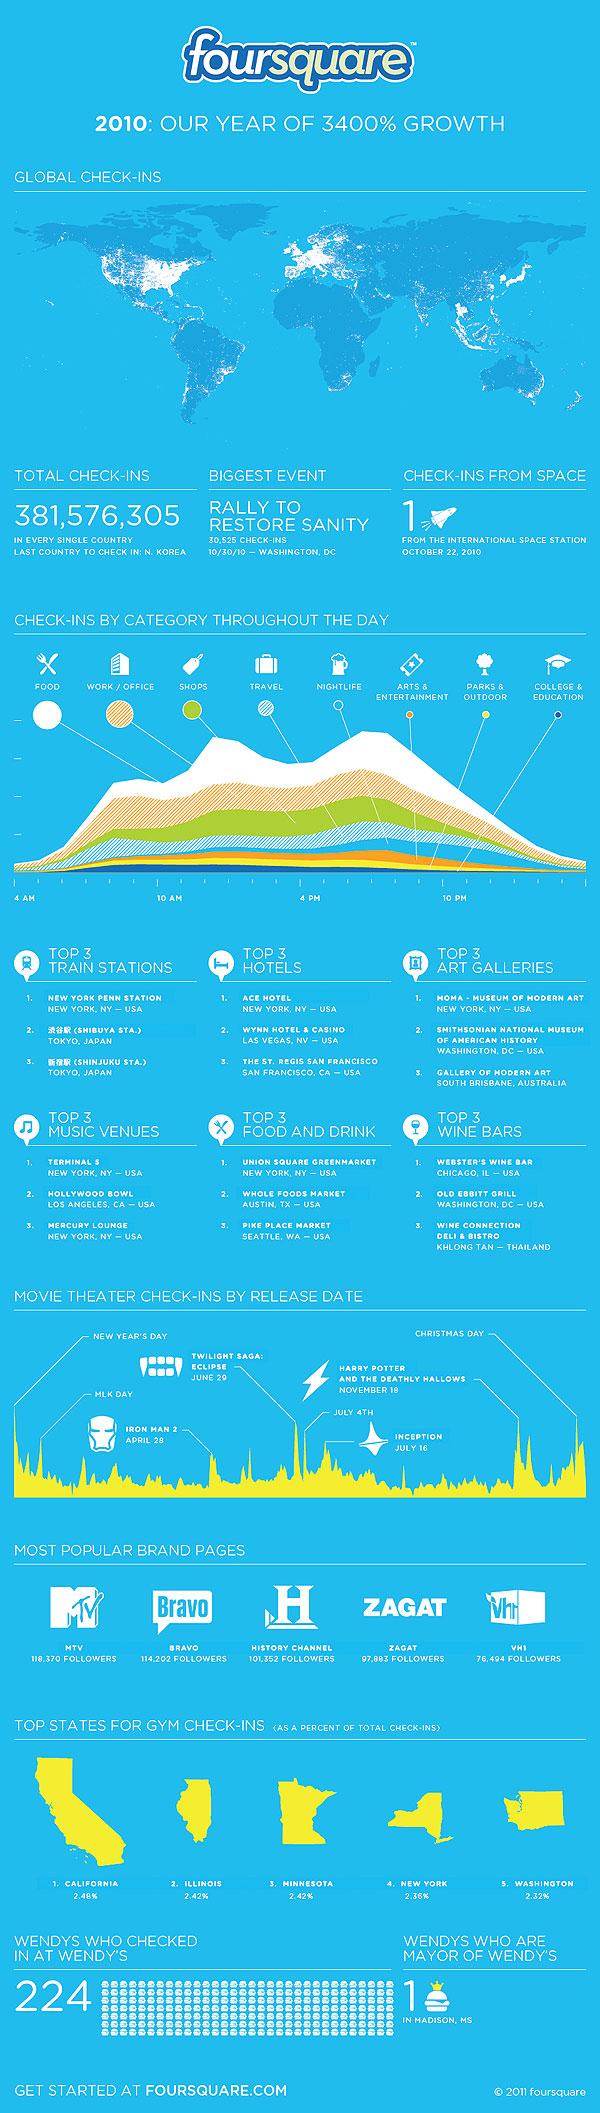 Результаты Foursquare за 2010 год